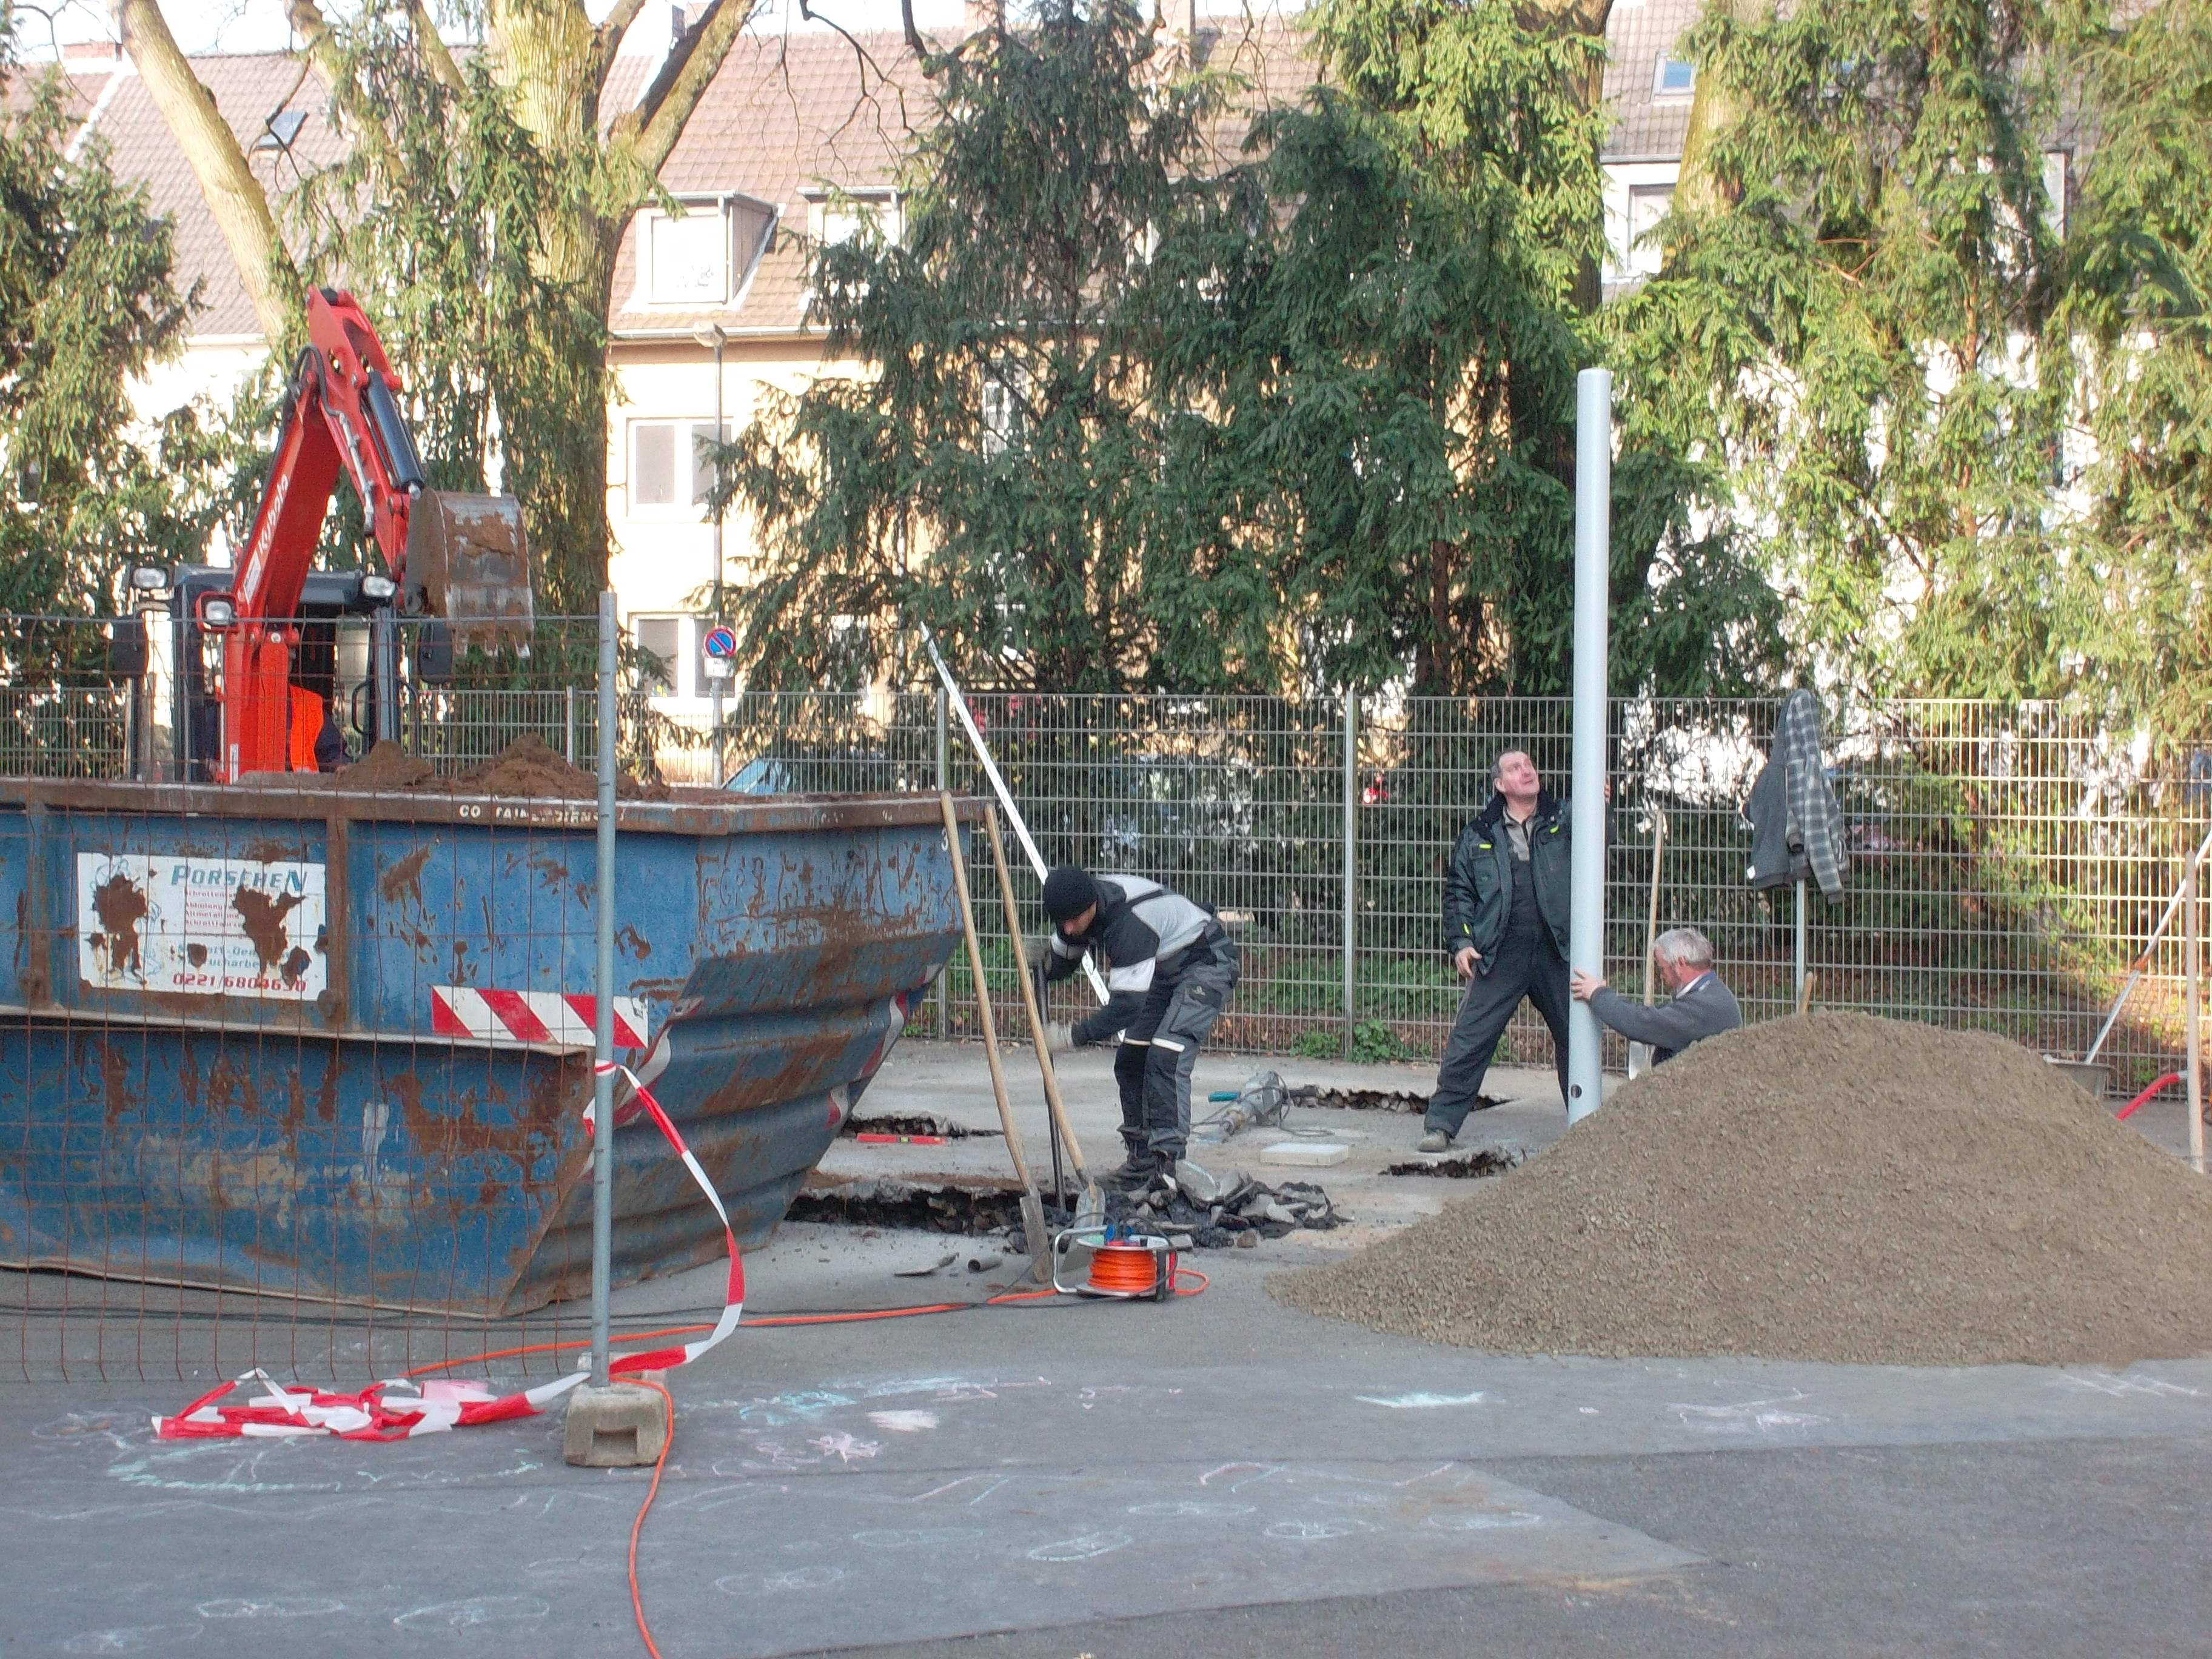 Klettergerüst Reim : Kgs köln dellbrück » 2014 märz